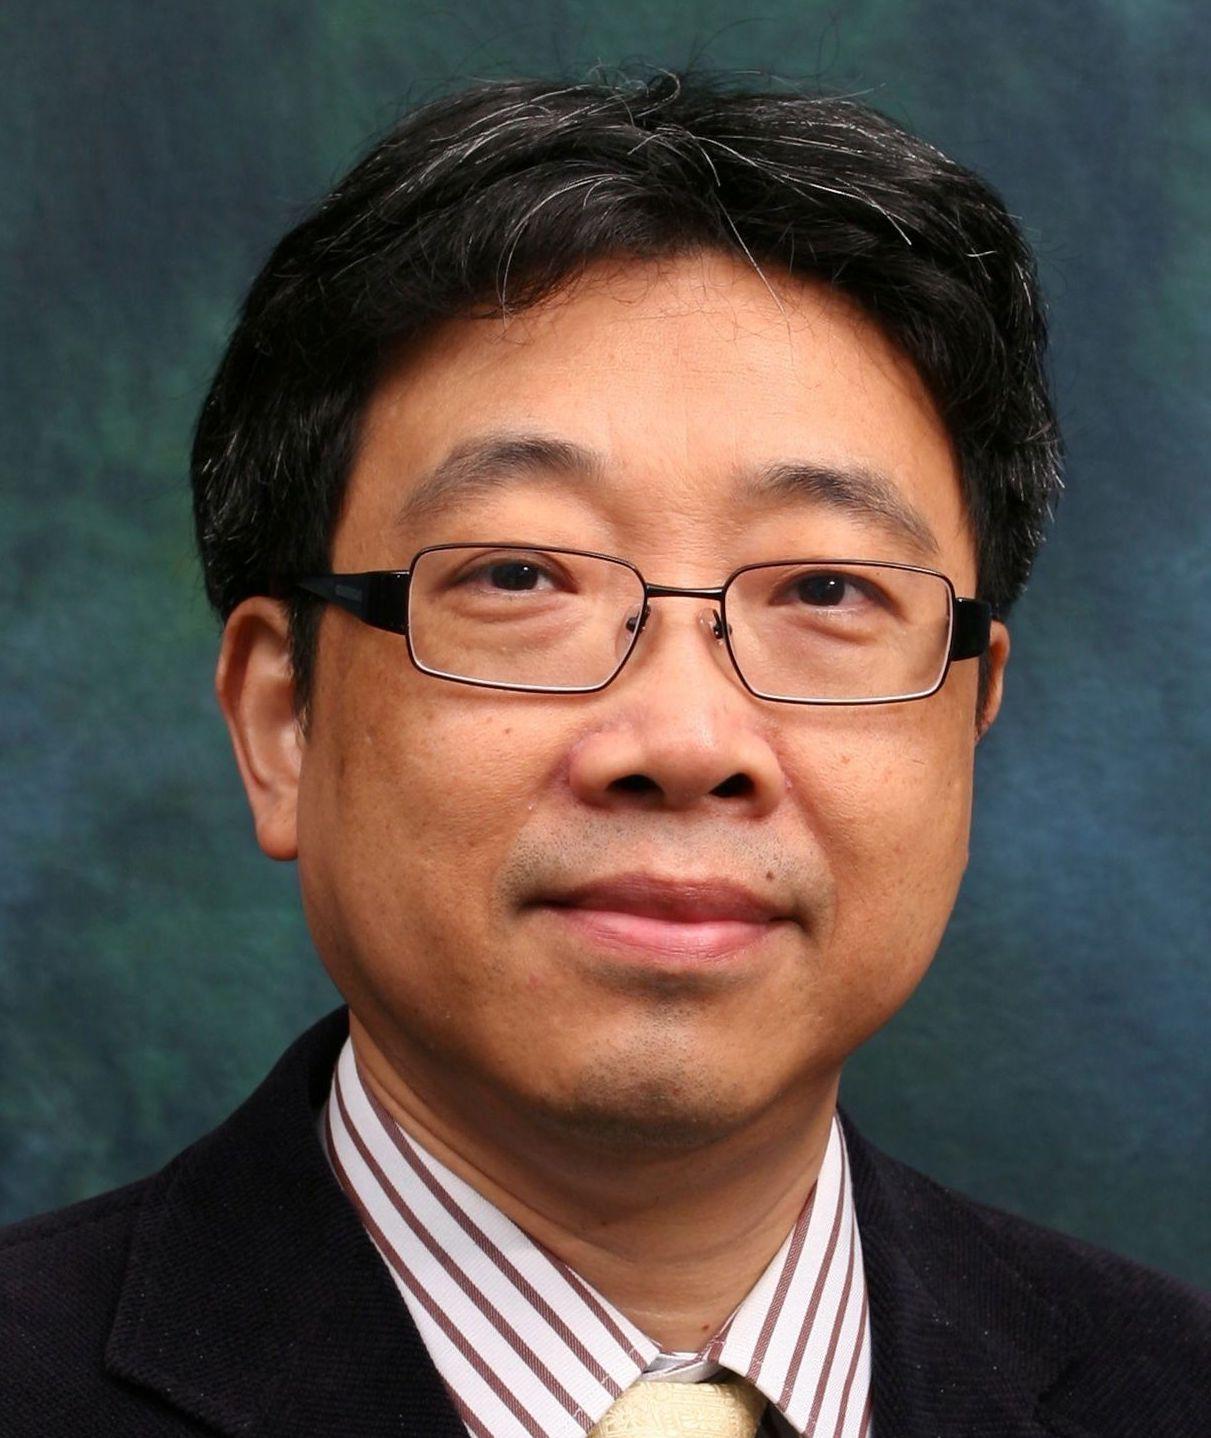 Jiannong Cao